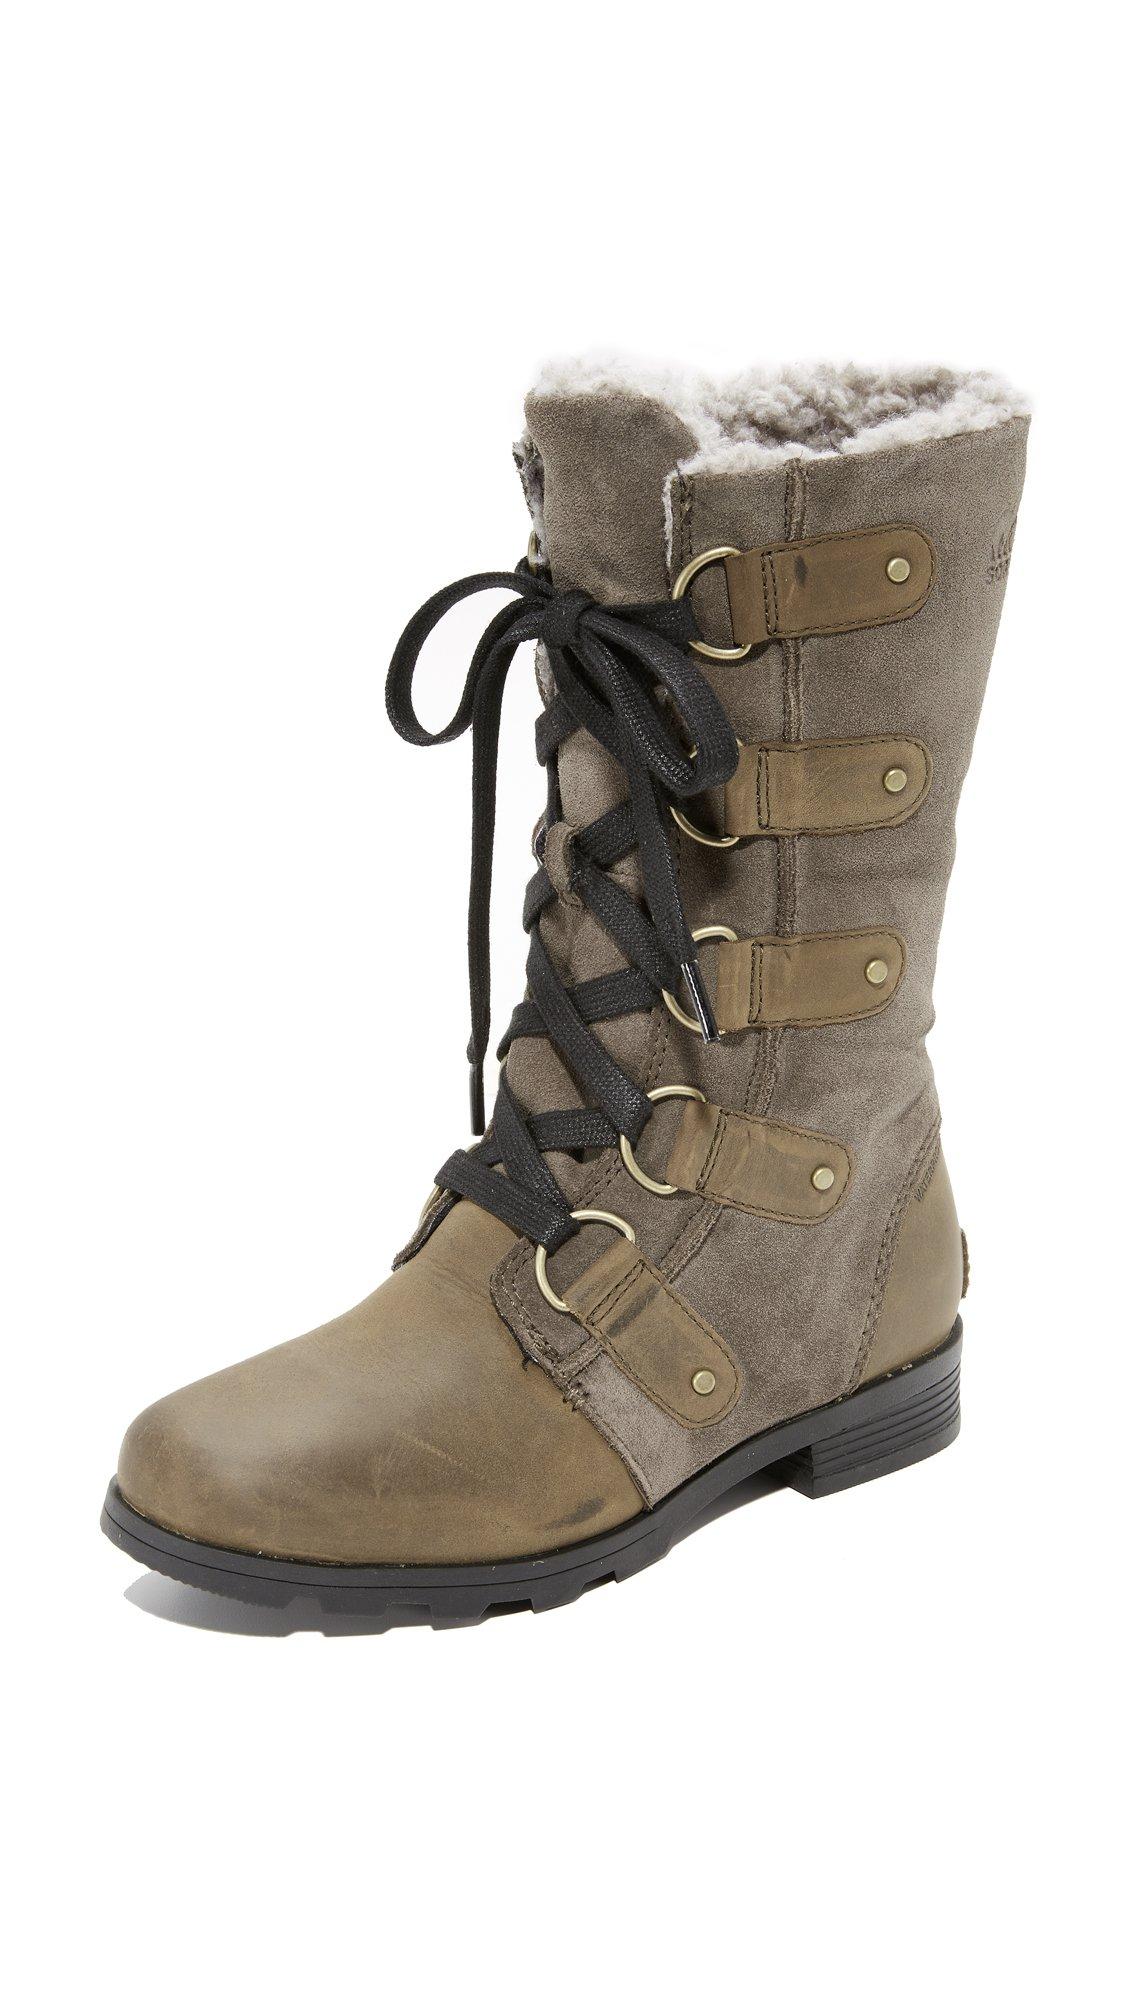 SOREL Women's Emelie Lace Boots, Major/Black, 10 B(M) US